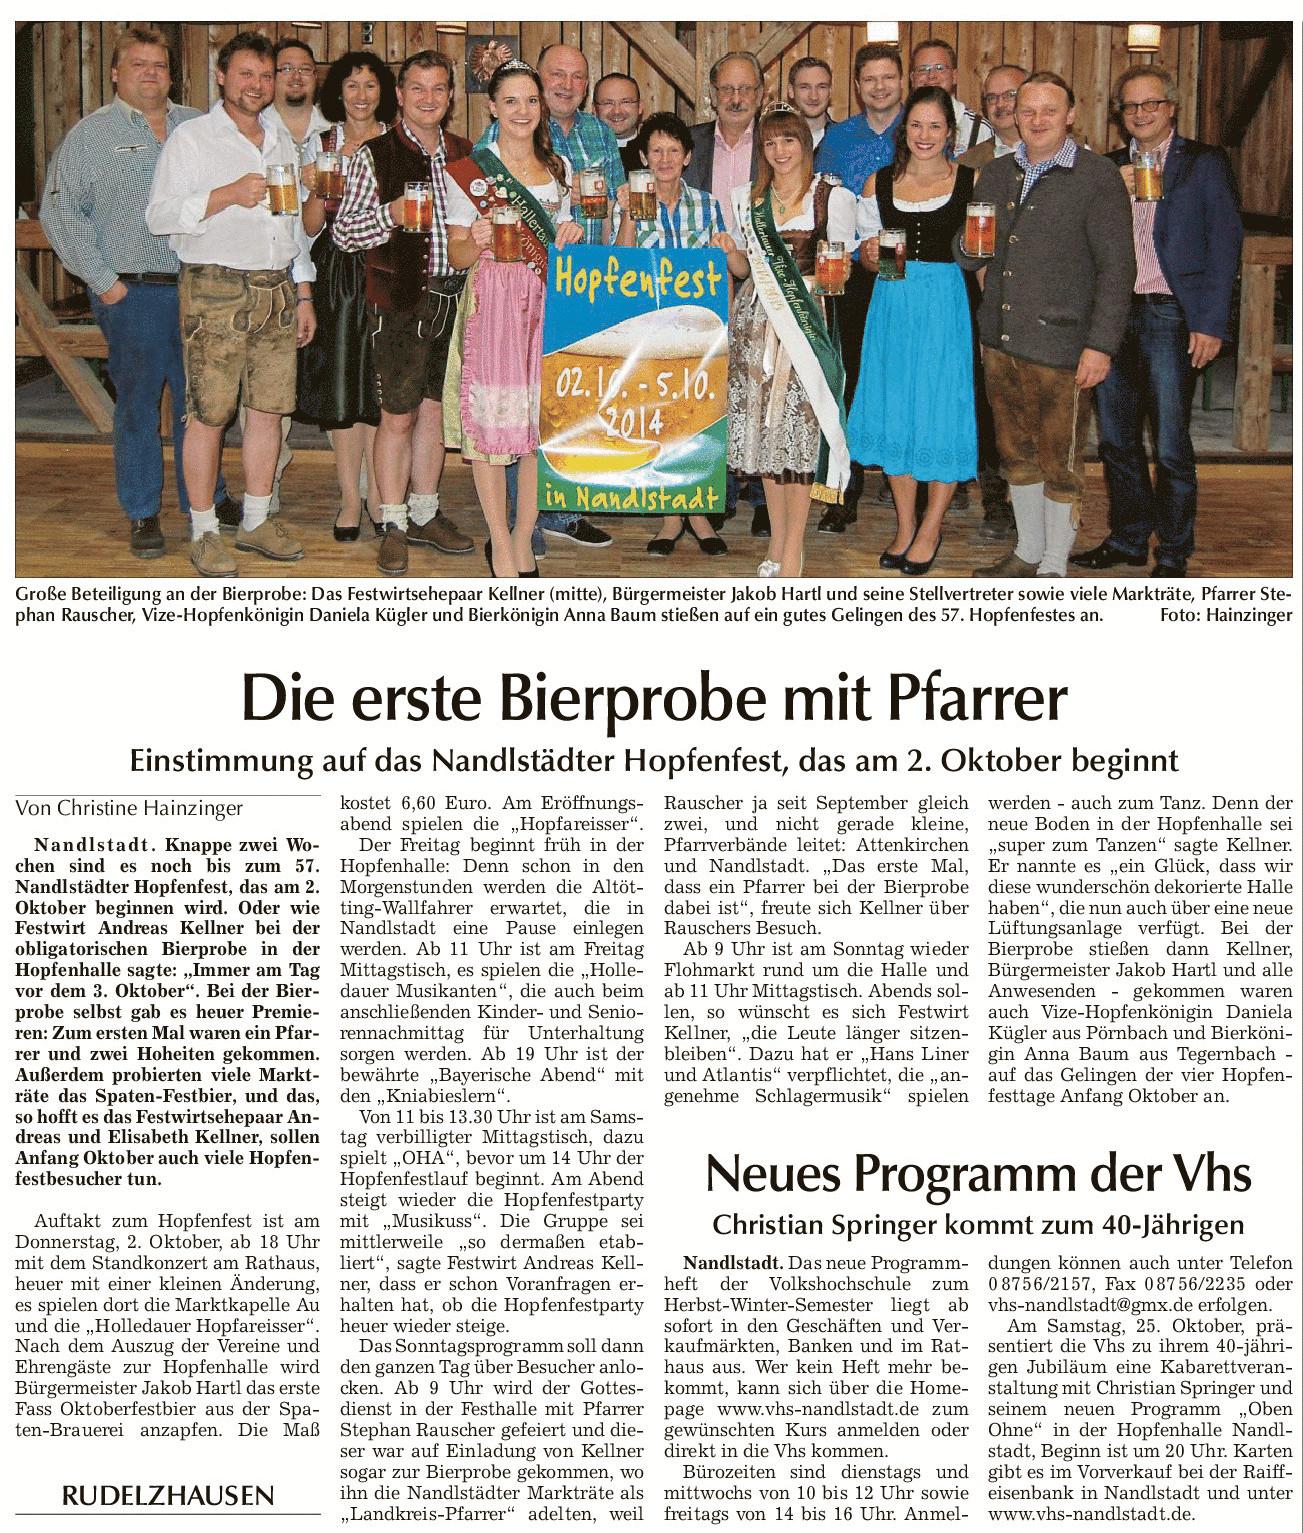 Einstimmung auf das Nandlstädter Hopfenfest, das am 2. Oktober beginnt